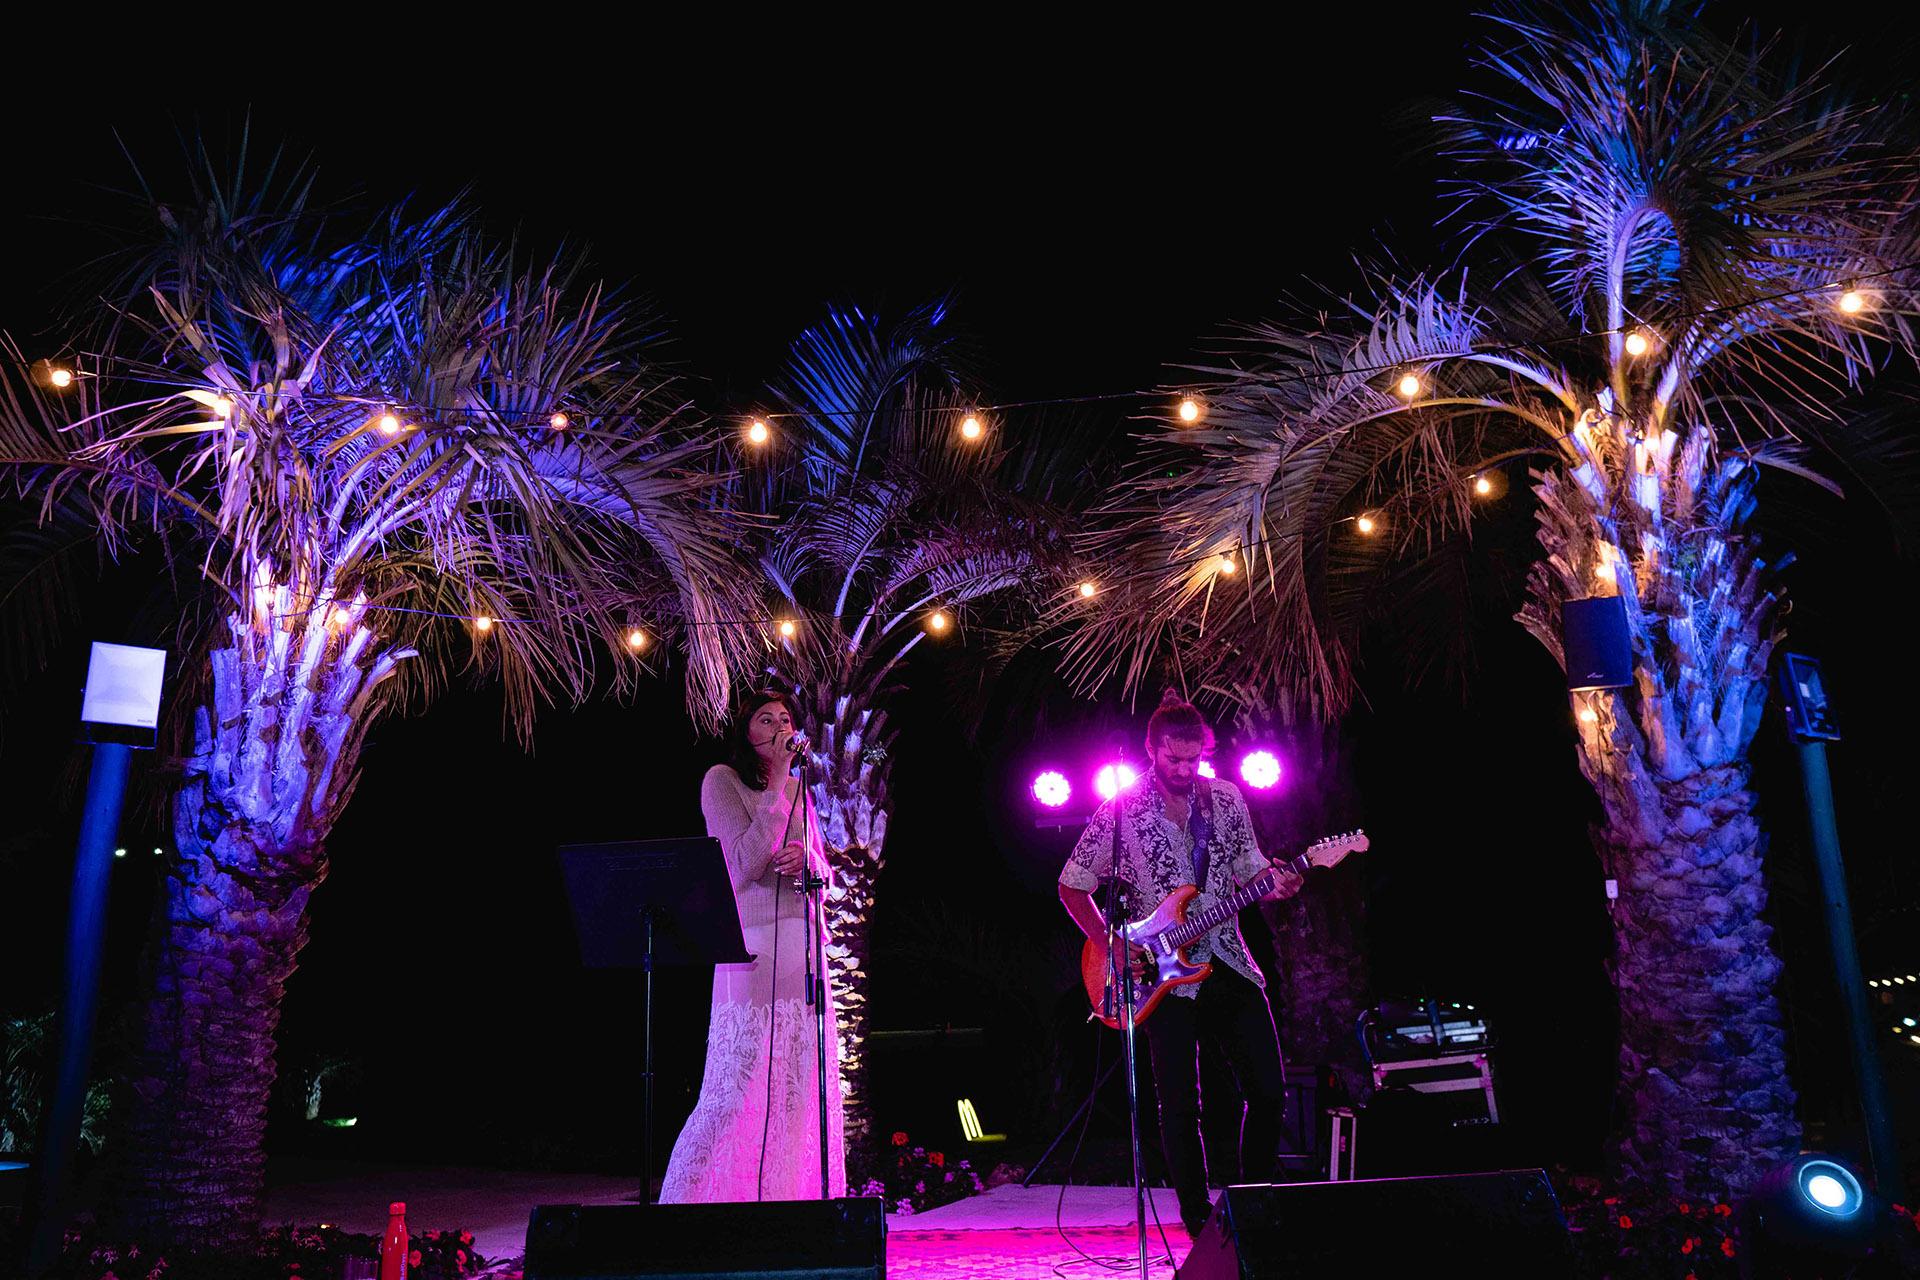 El show de Renata Repetto. Por segundo año consecutivo, la cantante participó de la cena y se lució en el escenario con sus interpretaciones